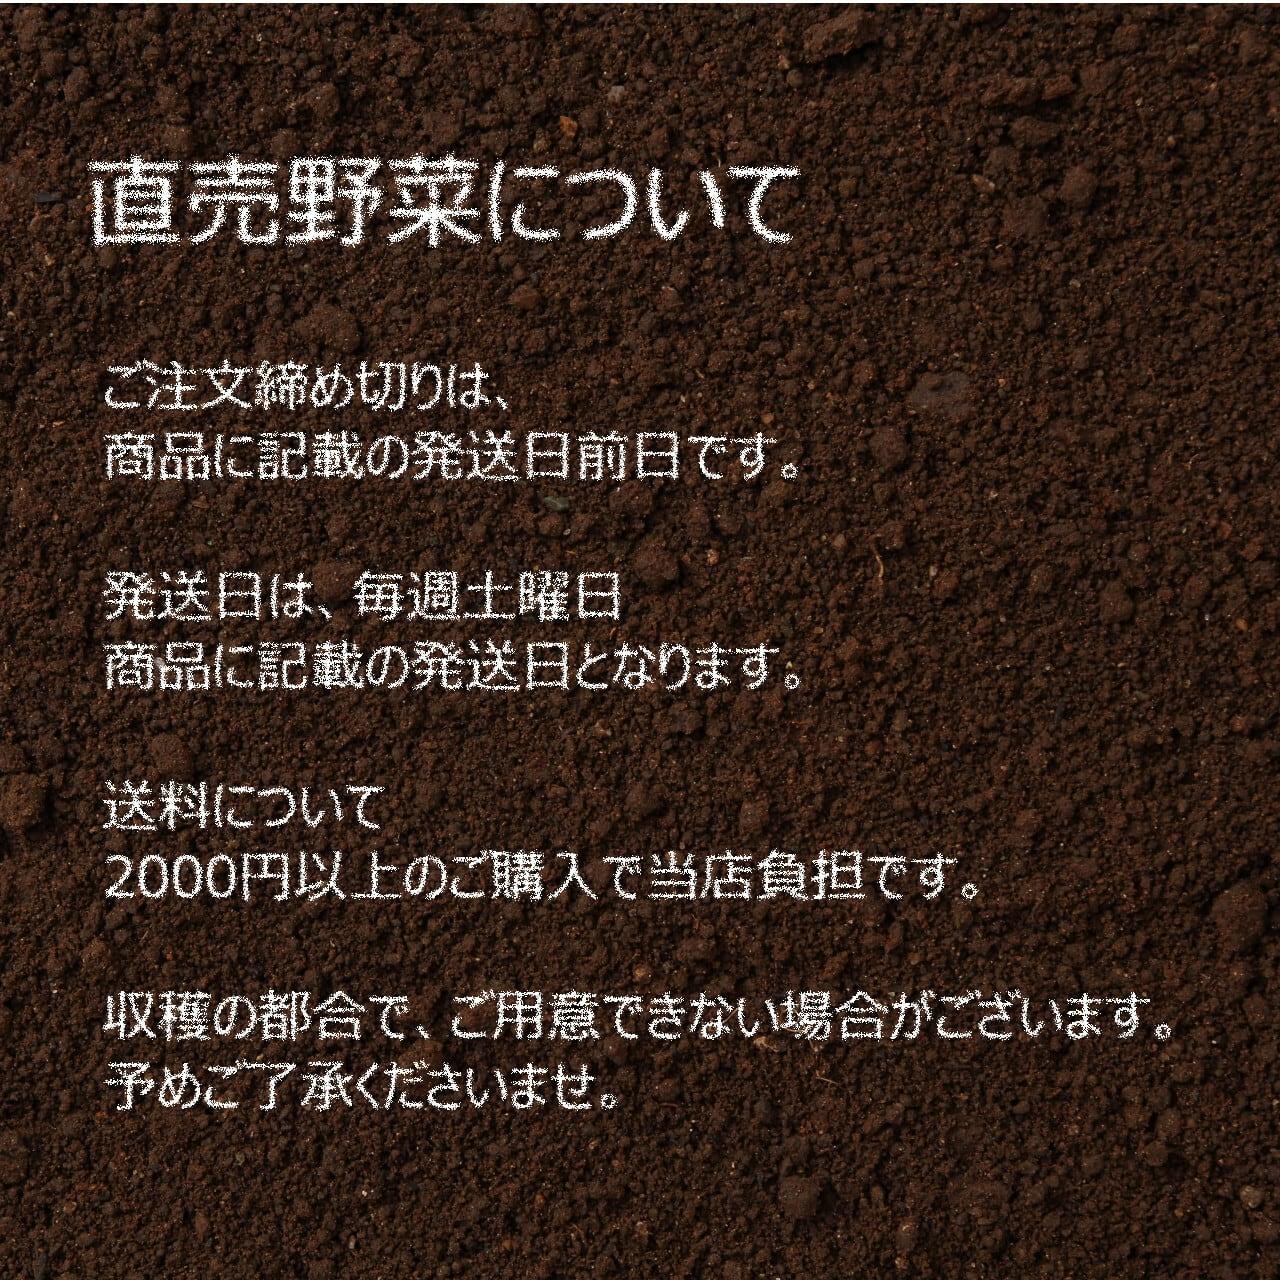 6月の朝採り直売野菜 : サニーレタス 約300g前後 春の新鮮野菜 6月5日発送予定